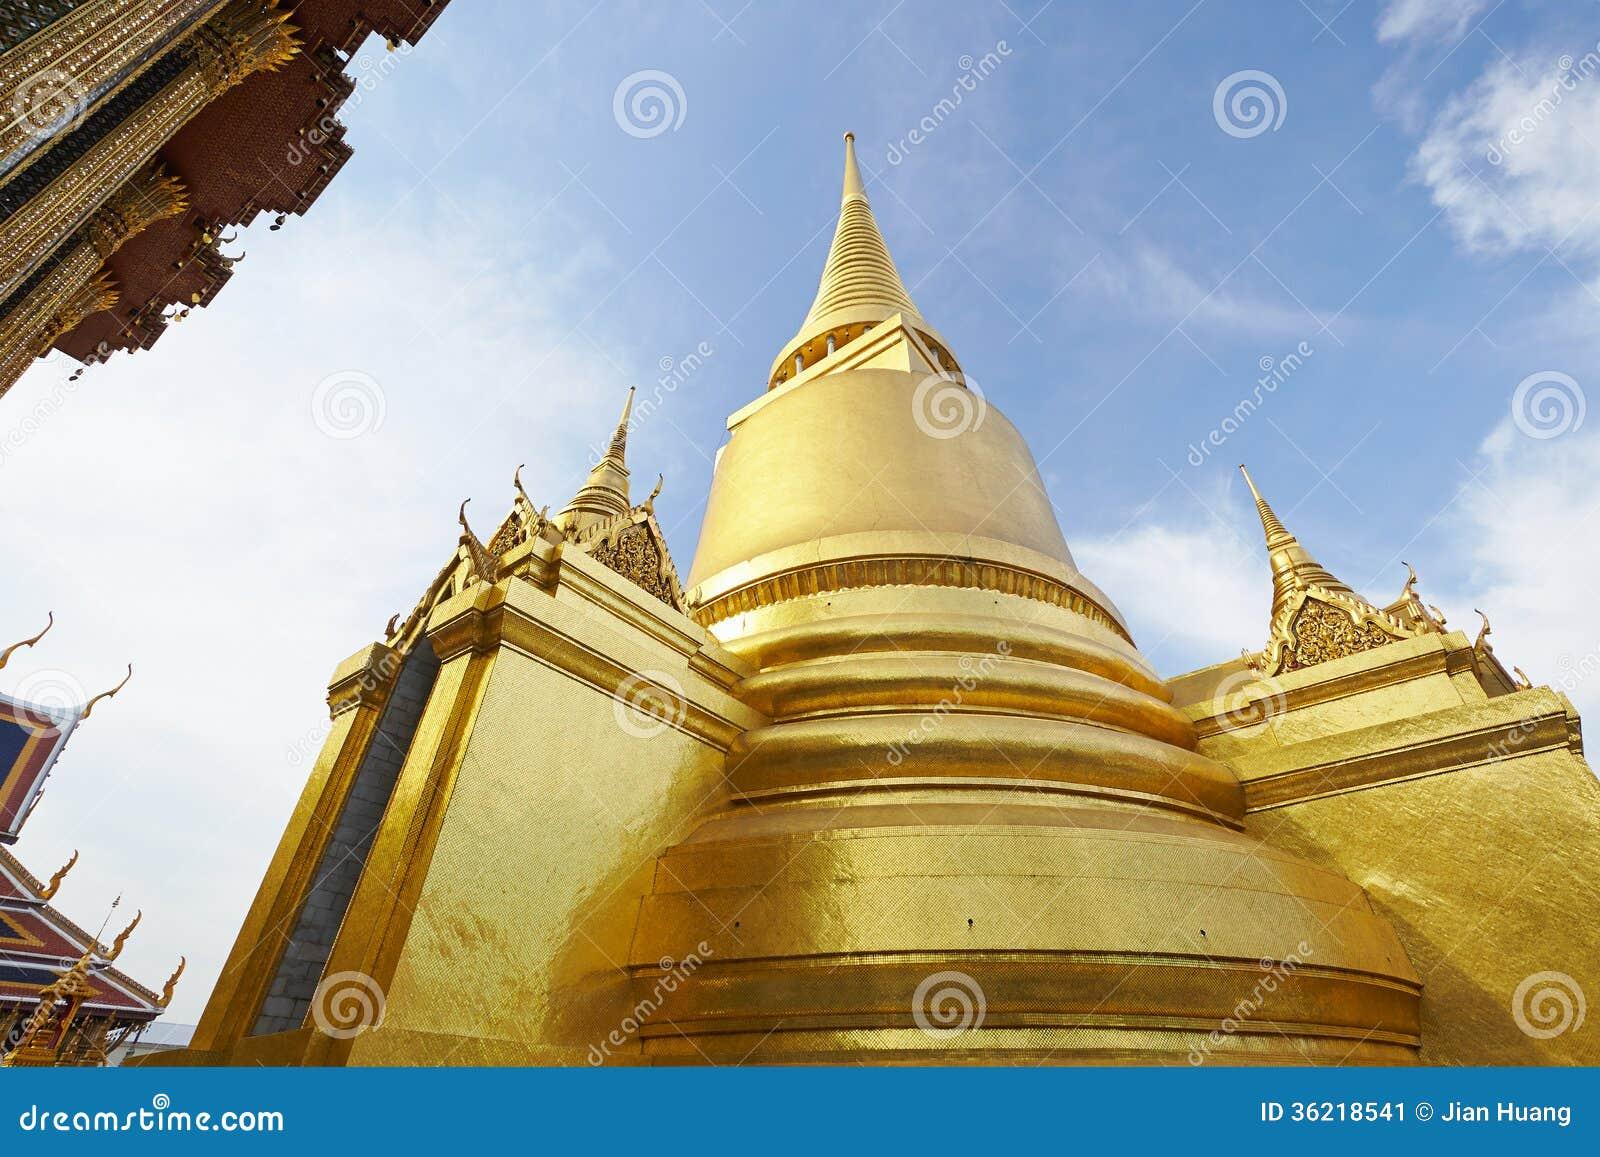 Η παγόδα στο μεγάλο παλάτι στη Μπανγκόκ